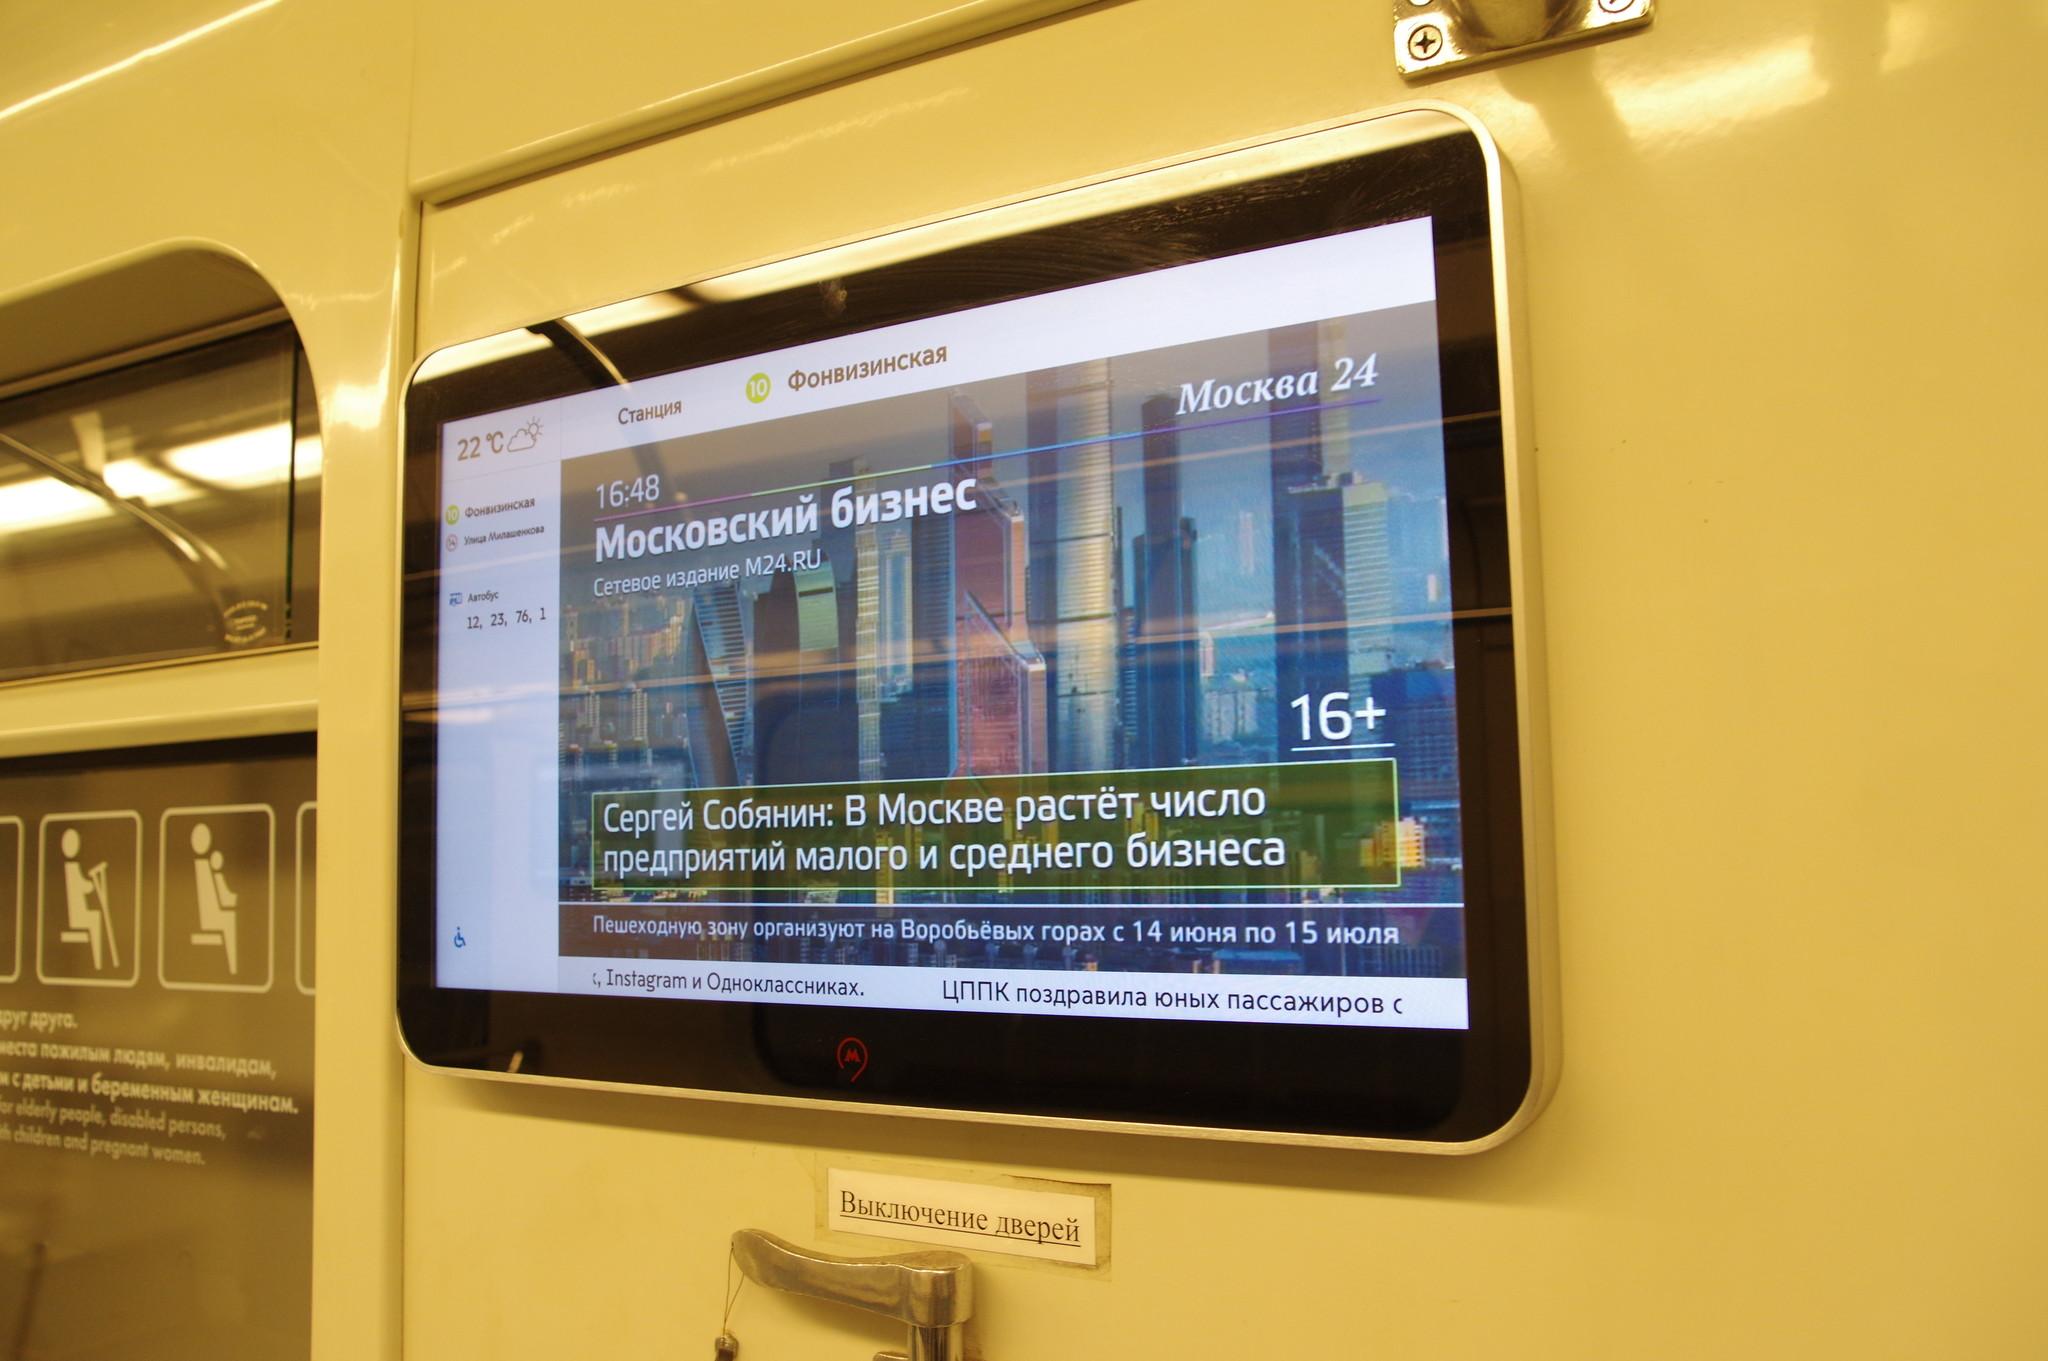 Специальные экраны начали свою работу в поездах московского метрополитена